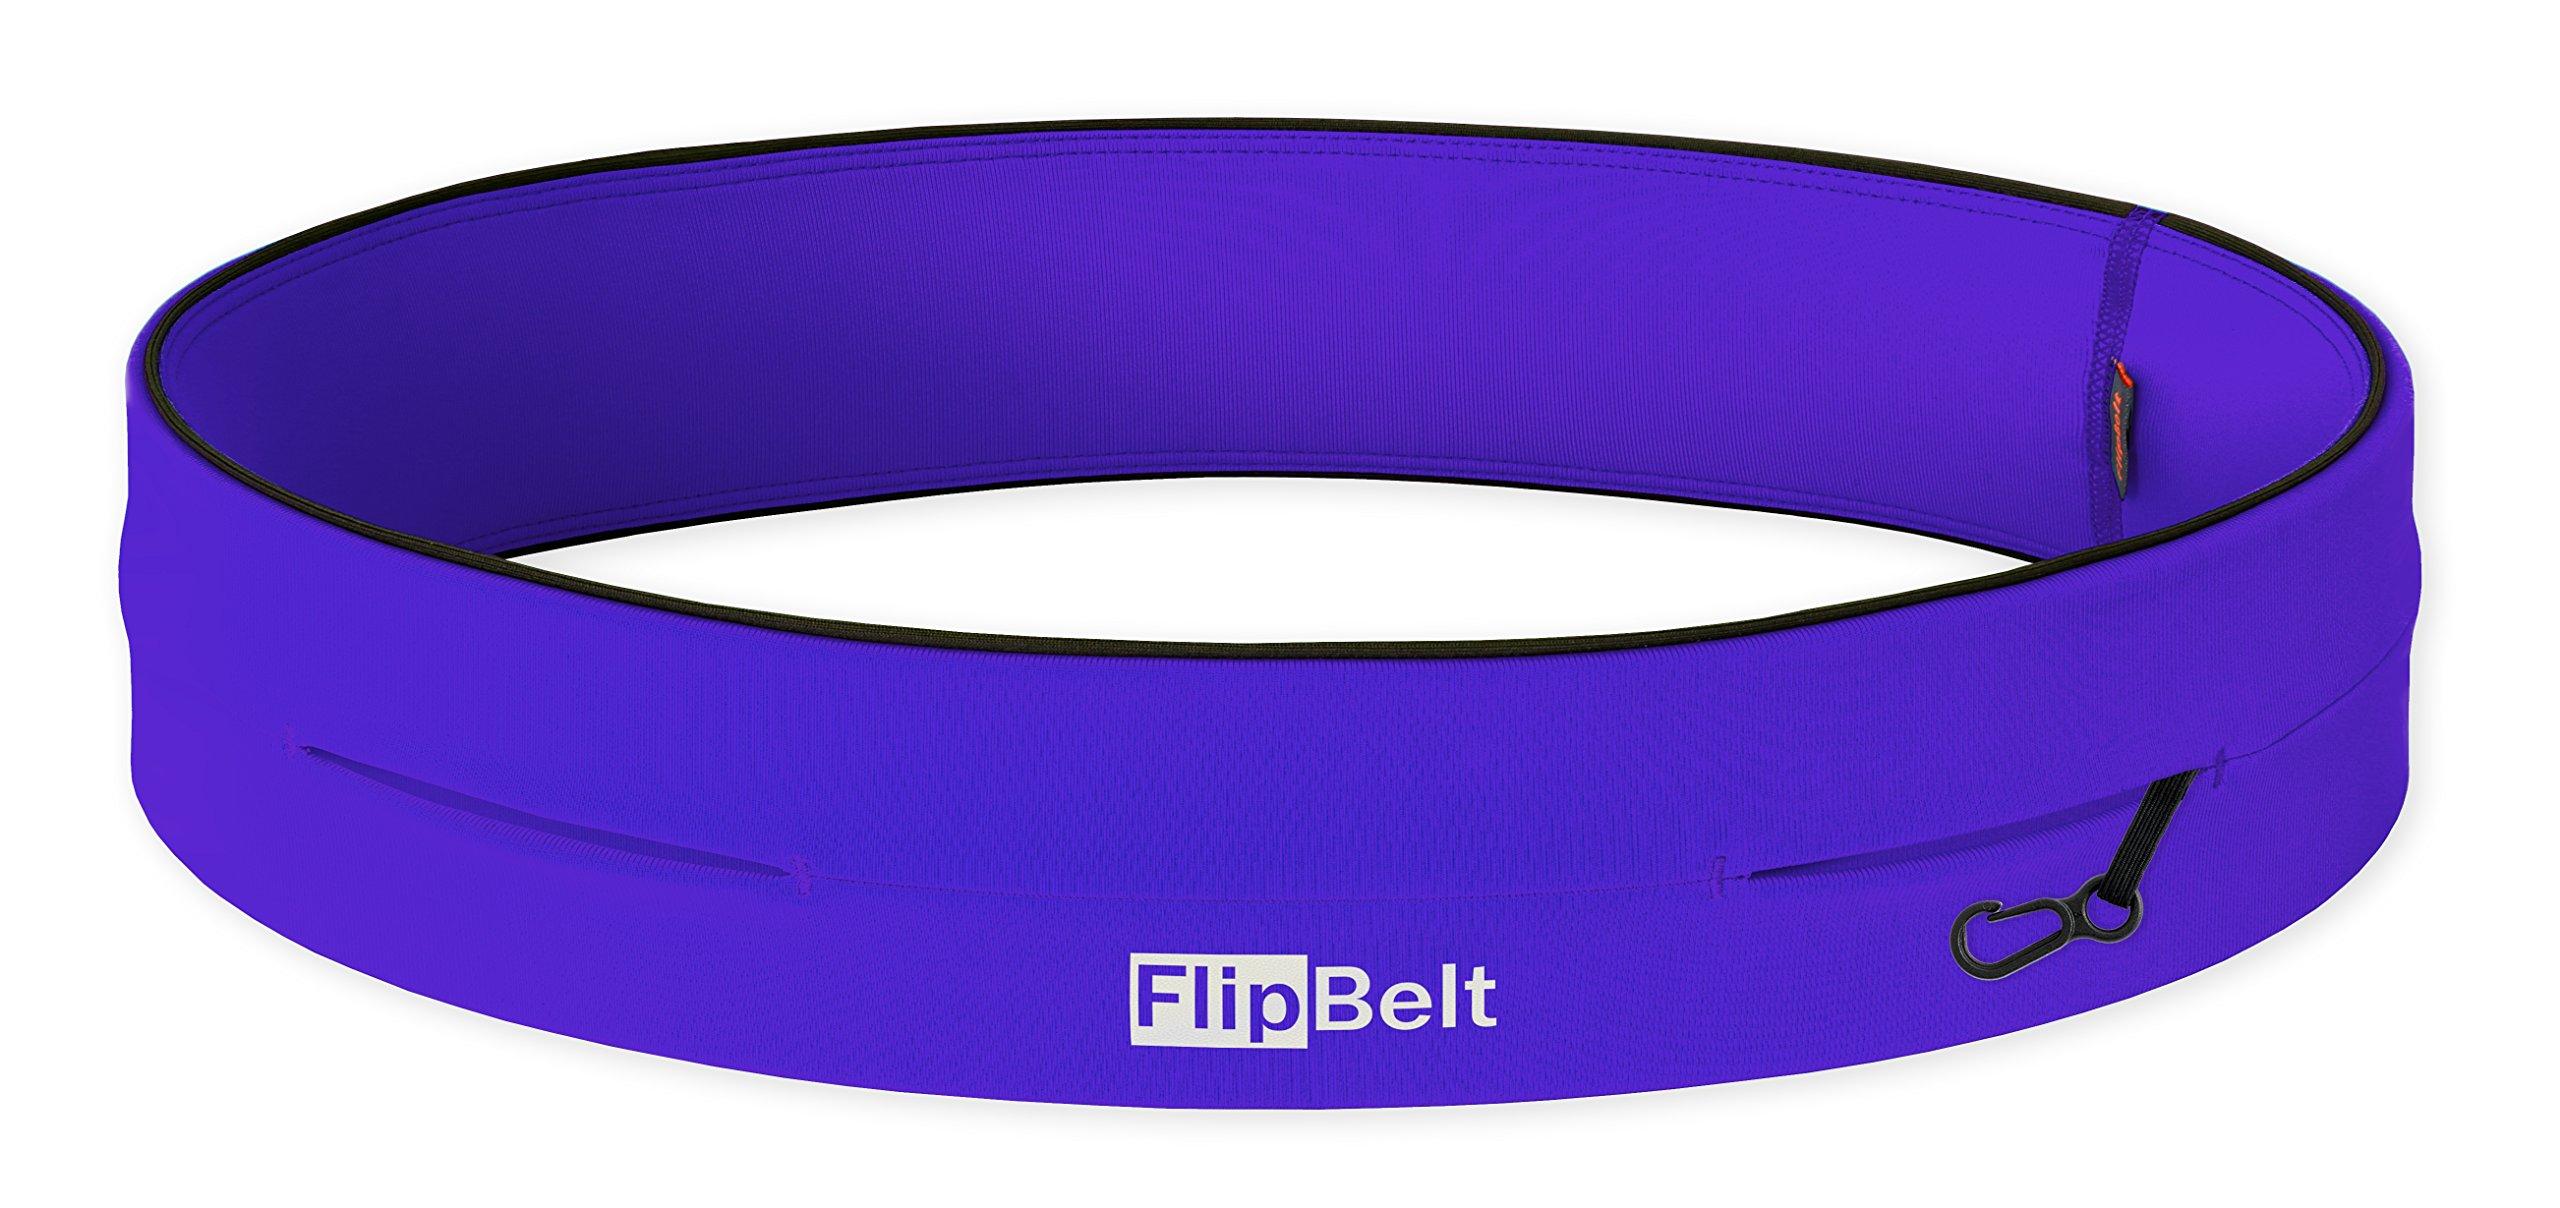 FlipBelt Level Terrain Waist Pouch, Violet, X-Small/22-25